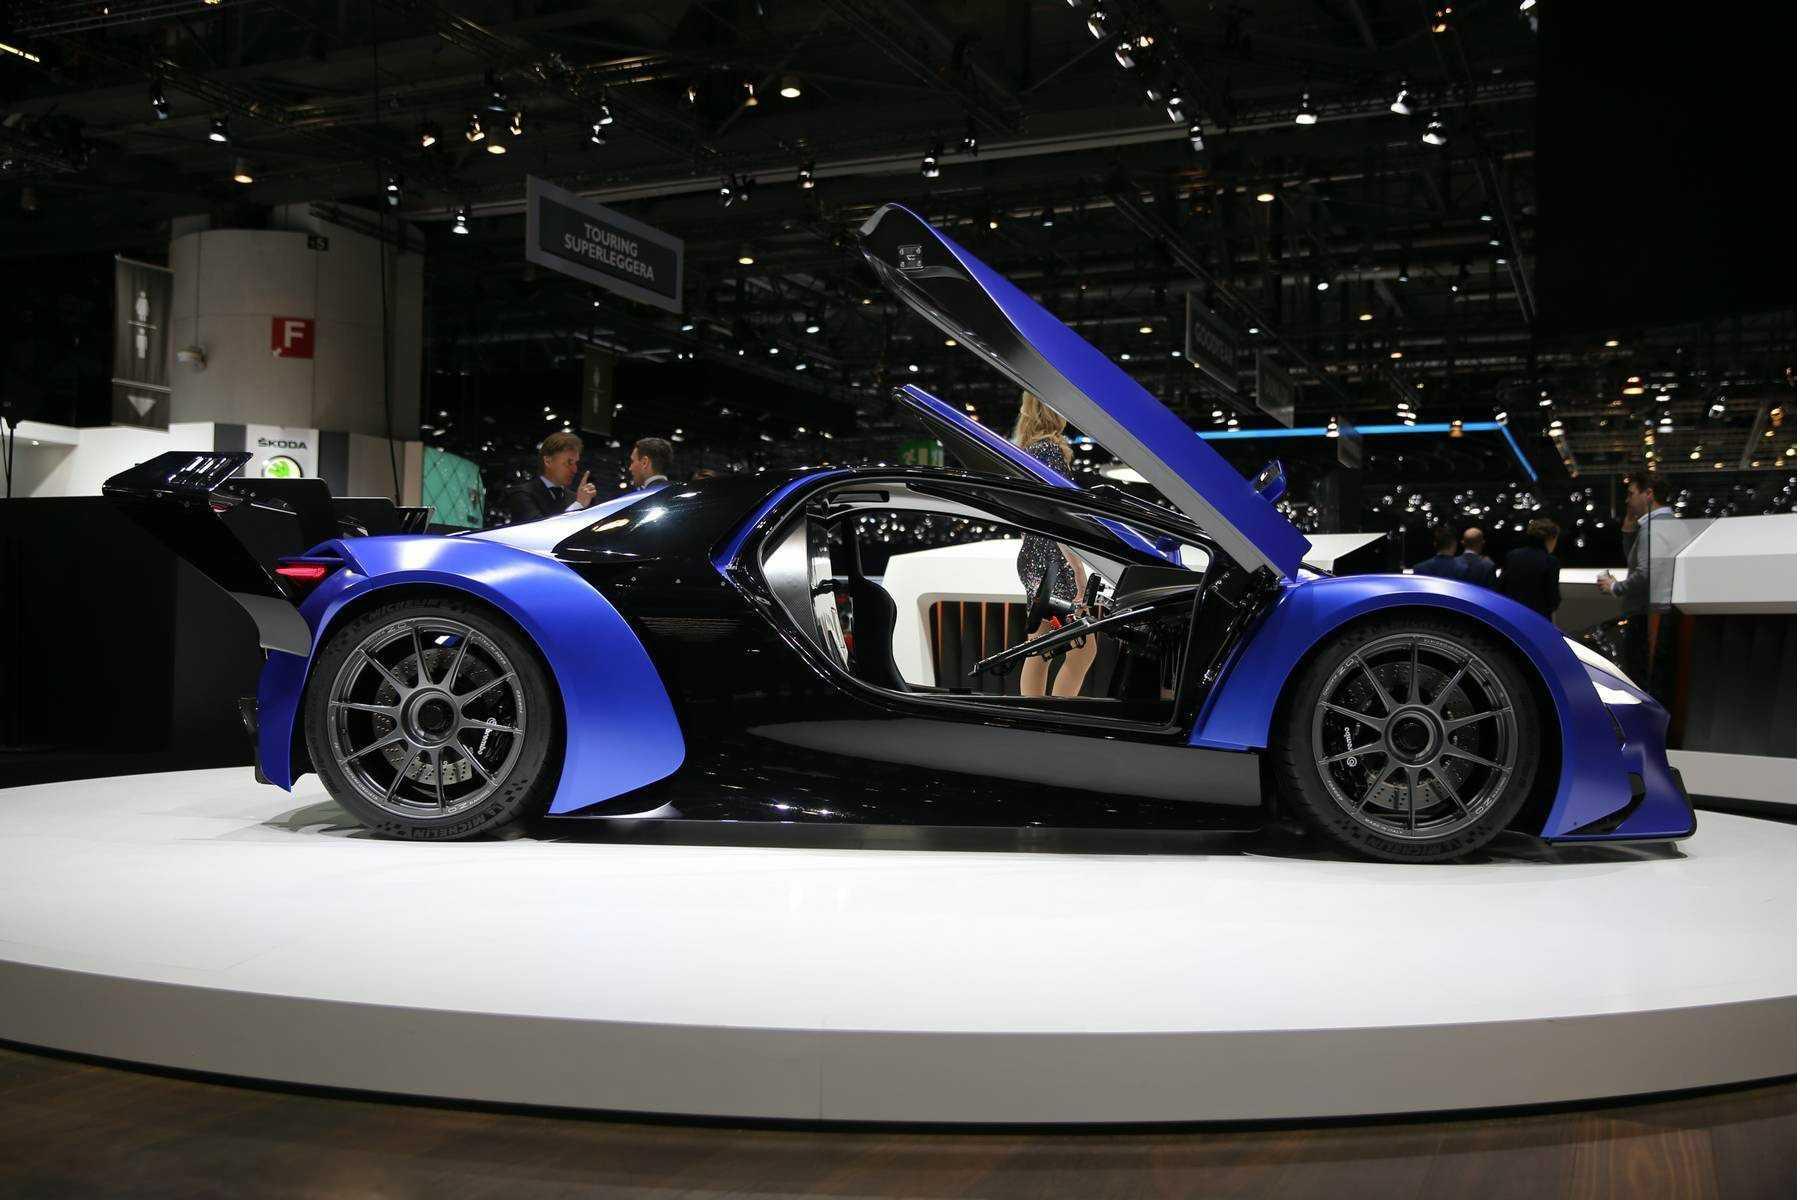 Китайский «гоночный» флагман за 3 тысячи долларов. представлен 8848 titanium m6 5g supercar limited - новости на buden